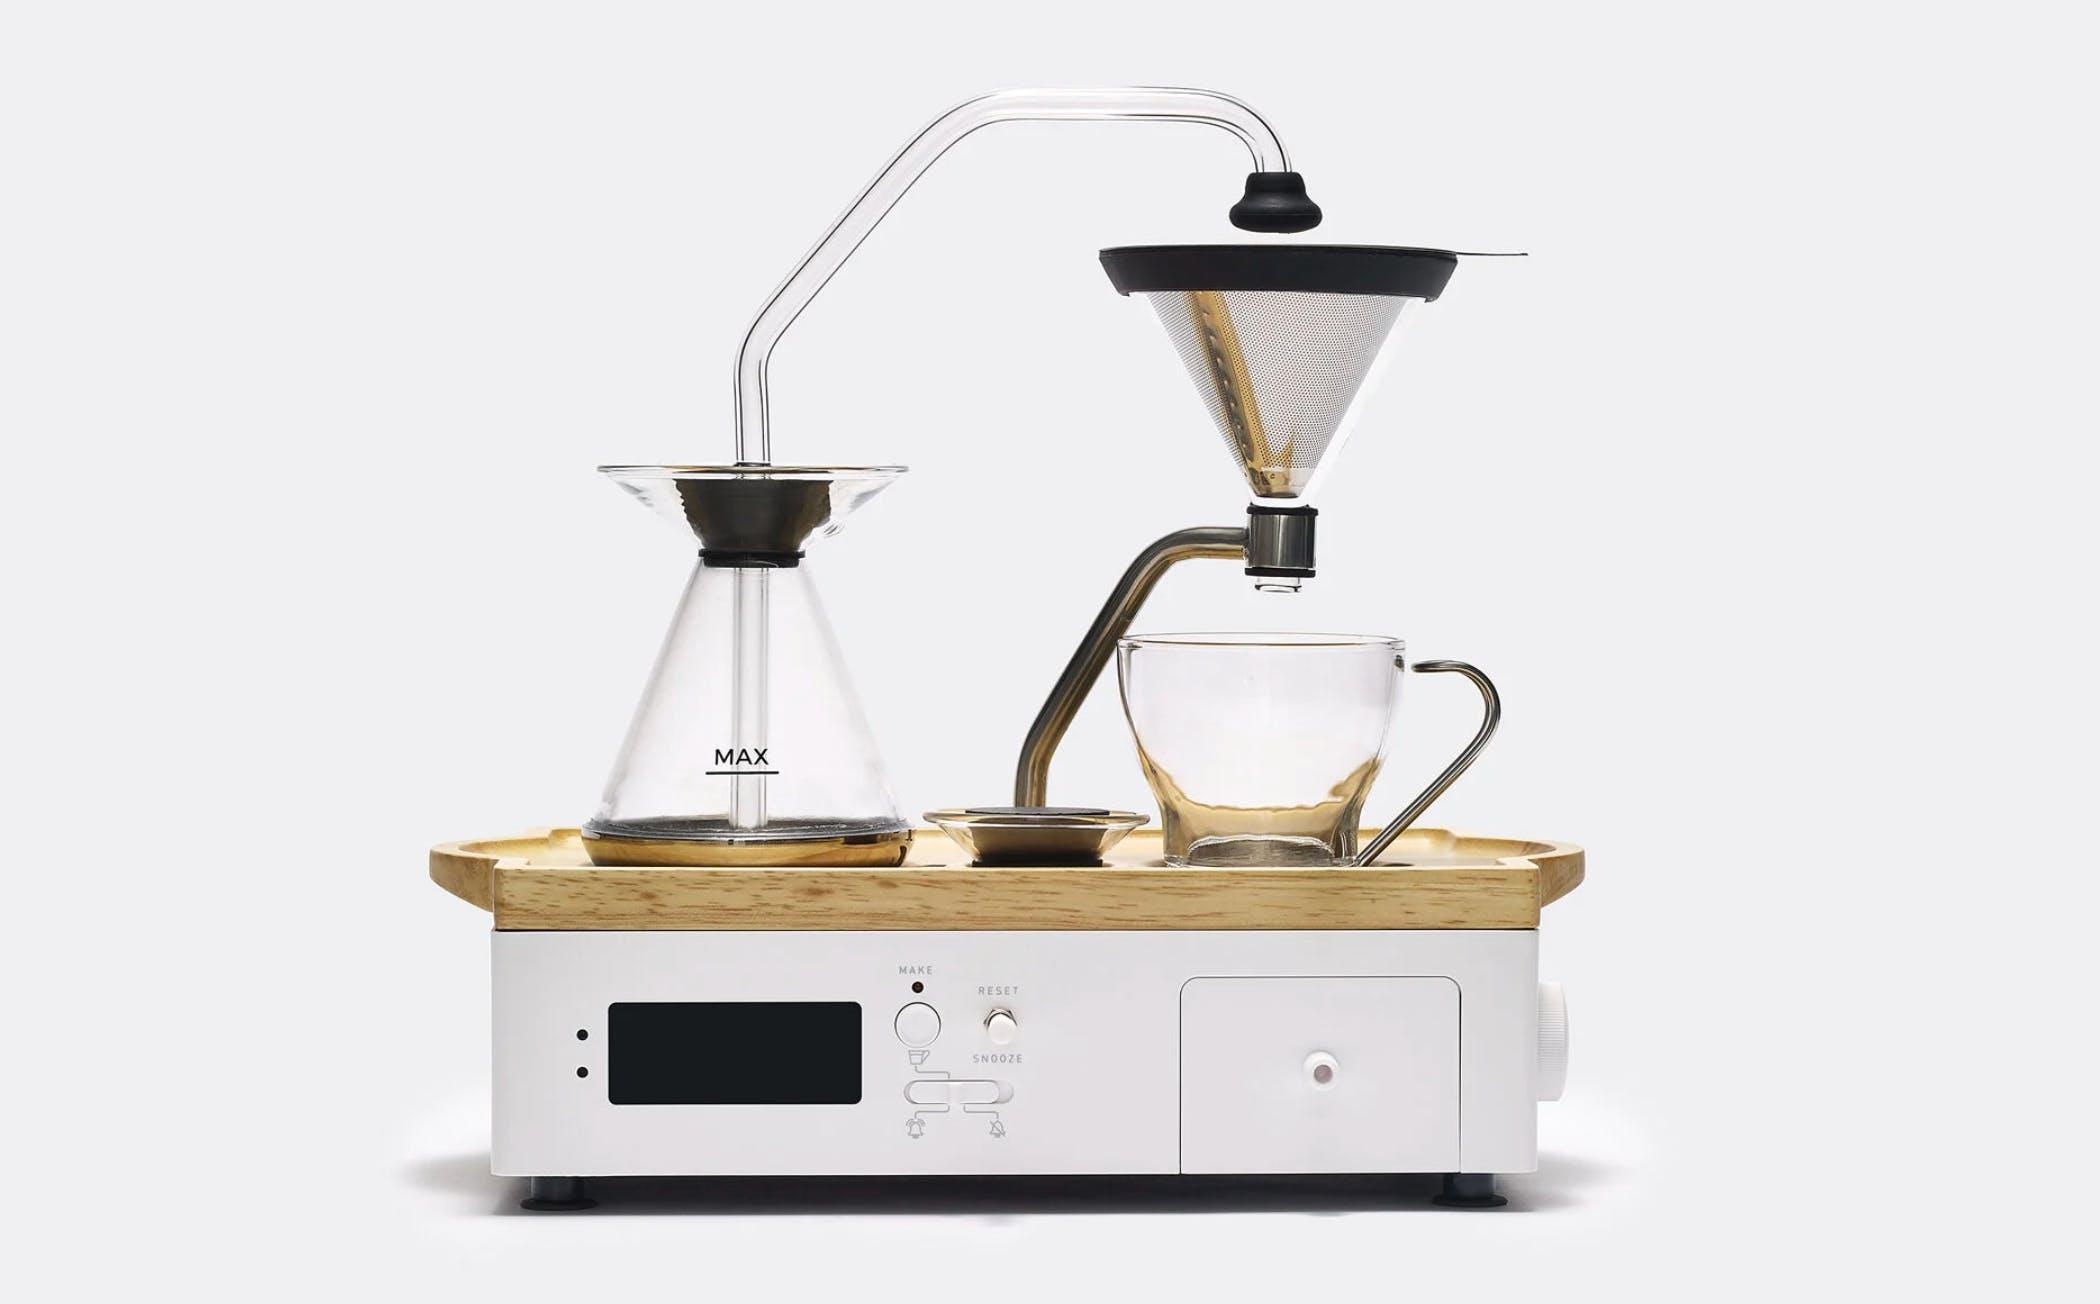 sculptural coffee maker